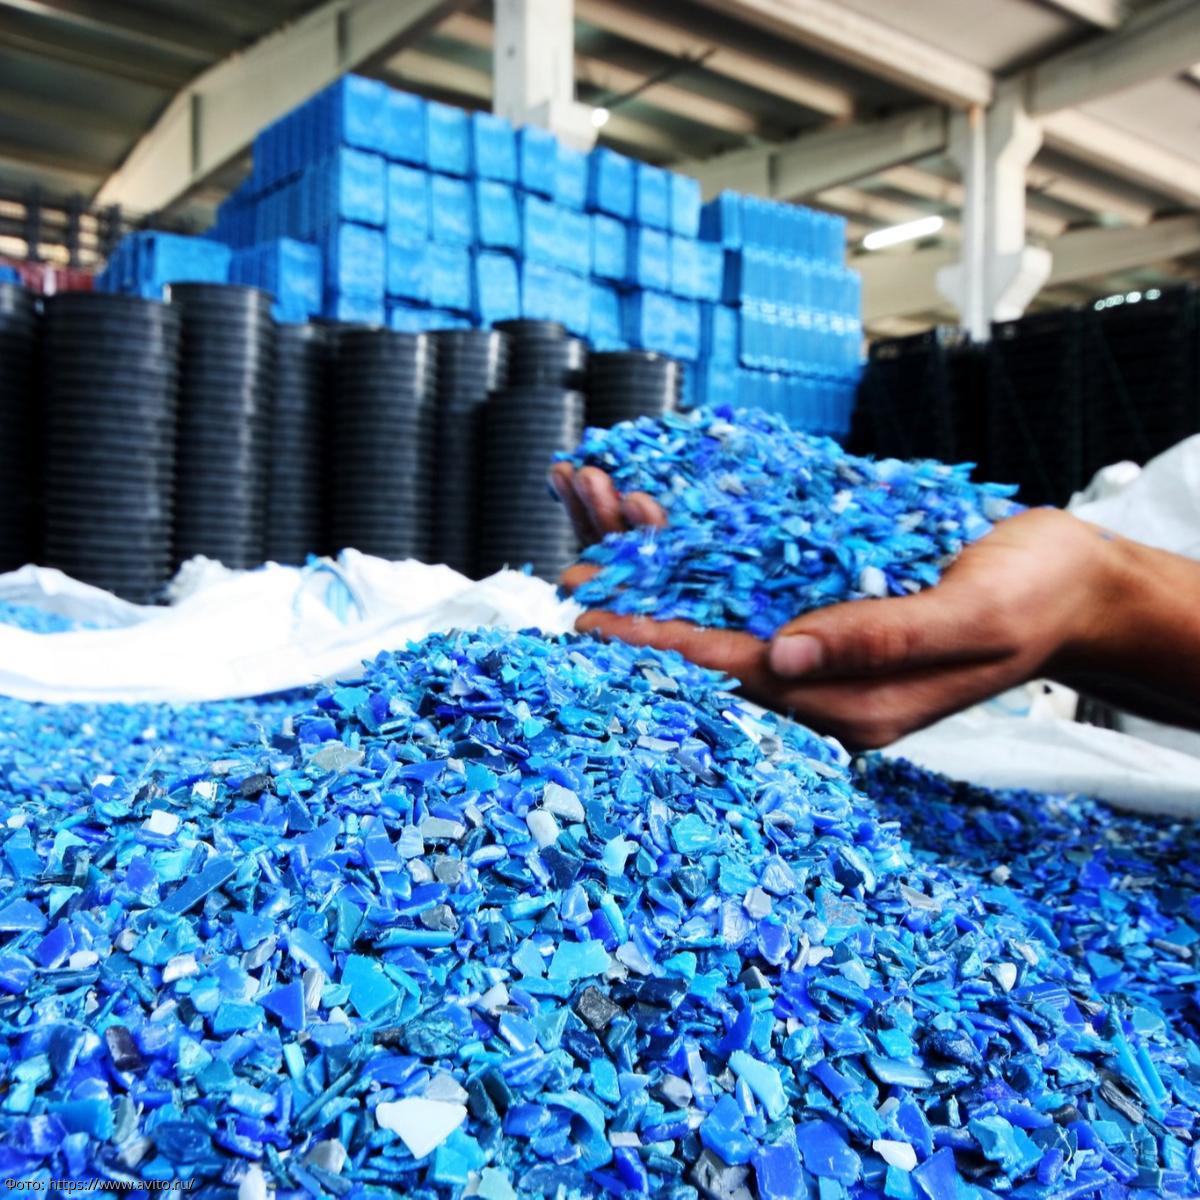 переработка полимерных материалов